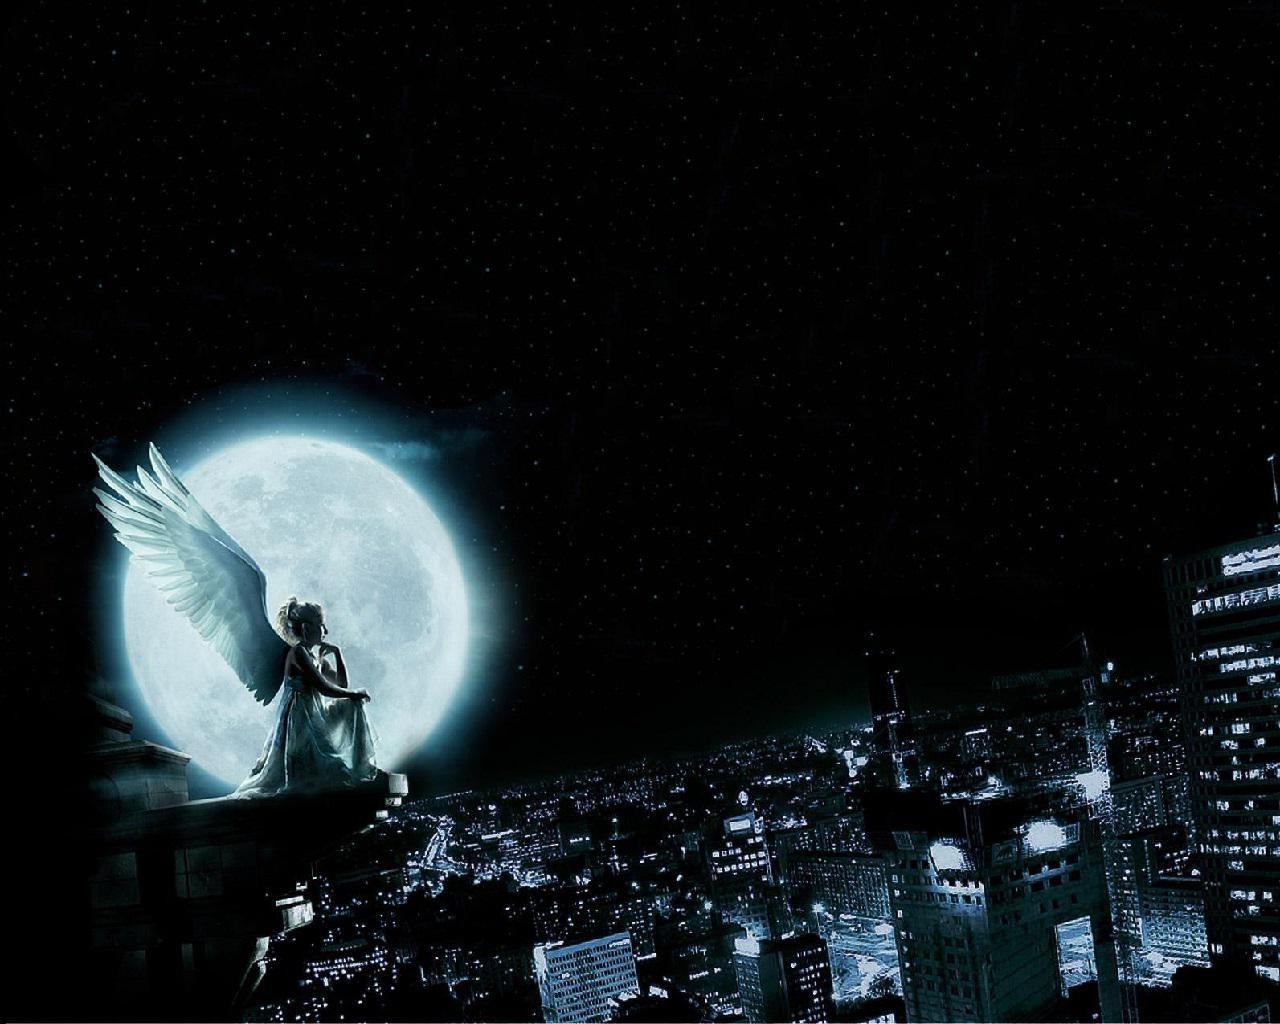 крылья ночи картинки красивые фото памятник